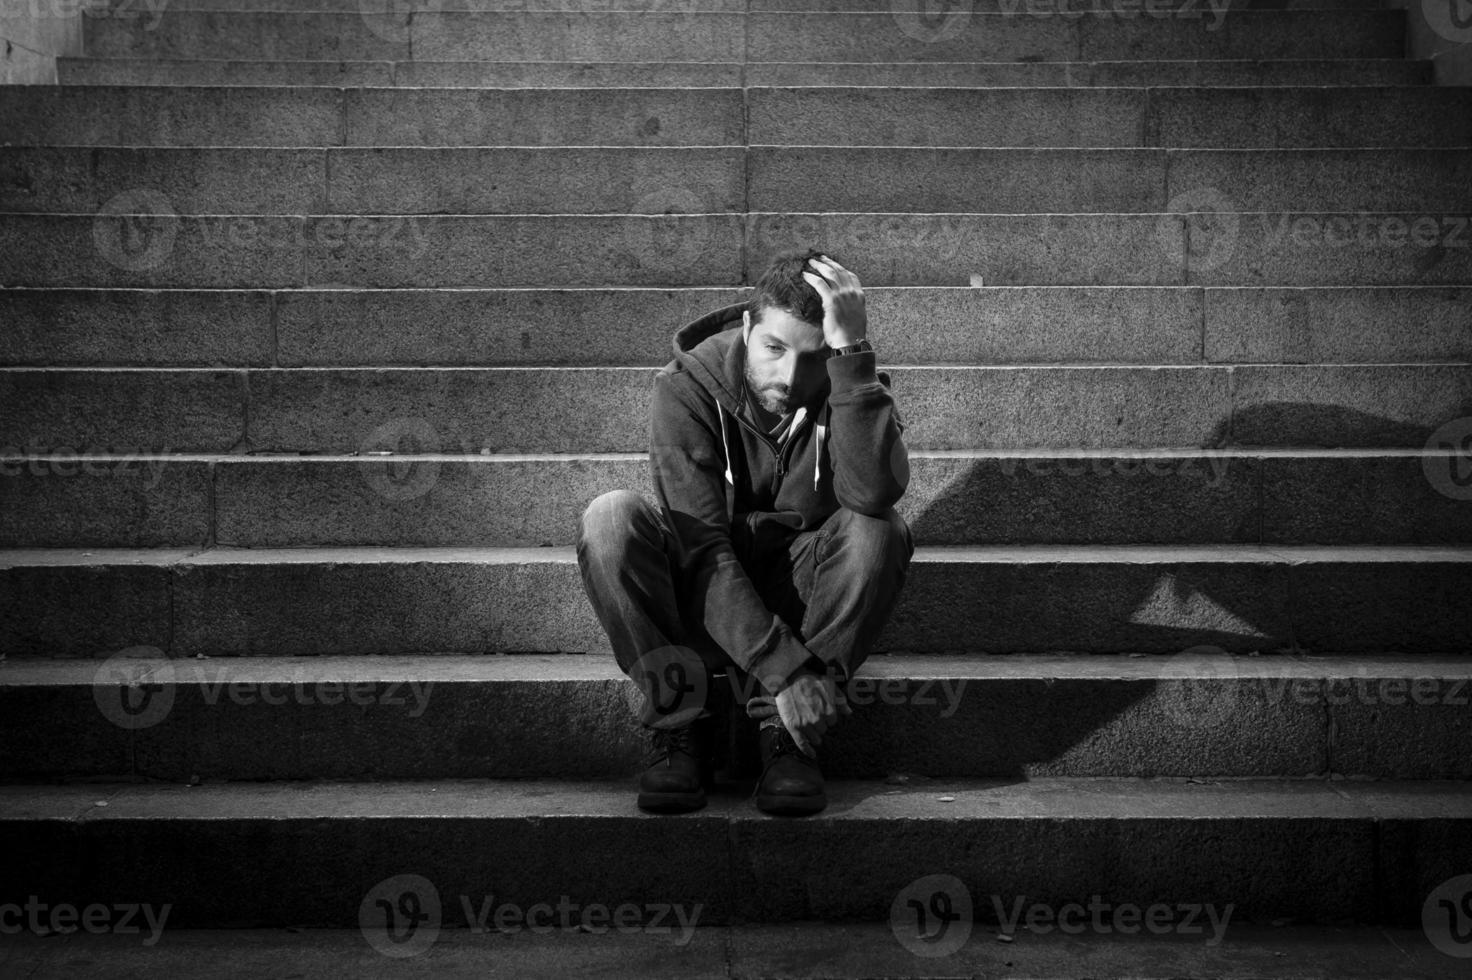 depressione di sofferenza del giovane che si siede sulle scale del calcestruzzo della via al suolo foto